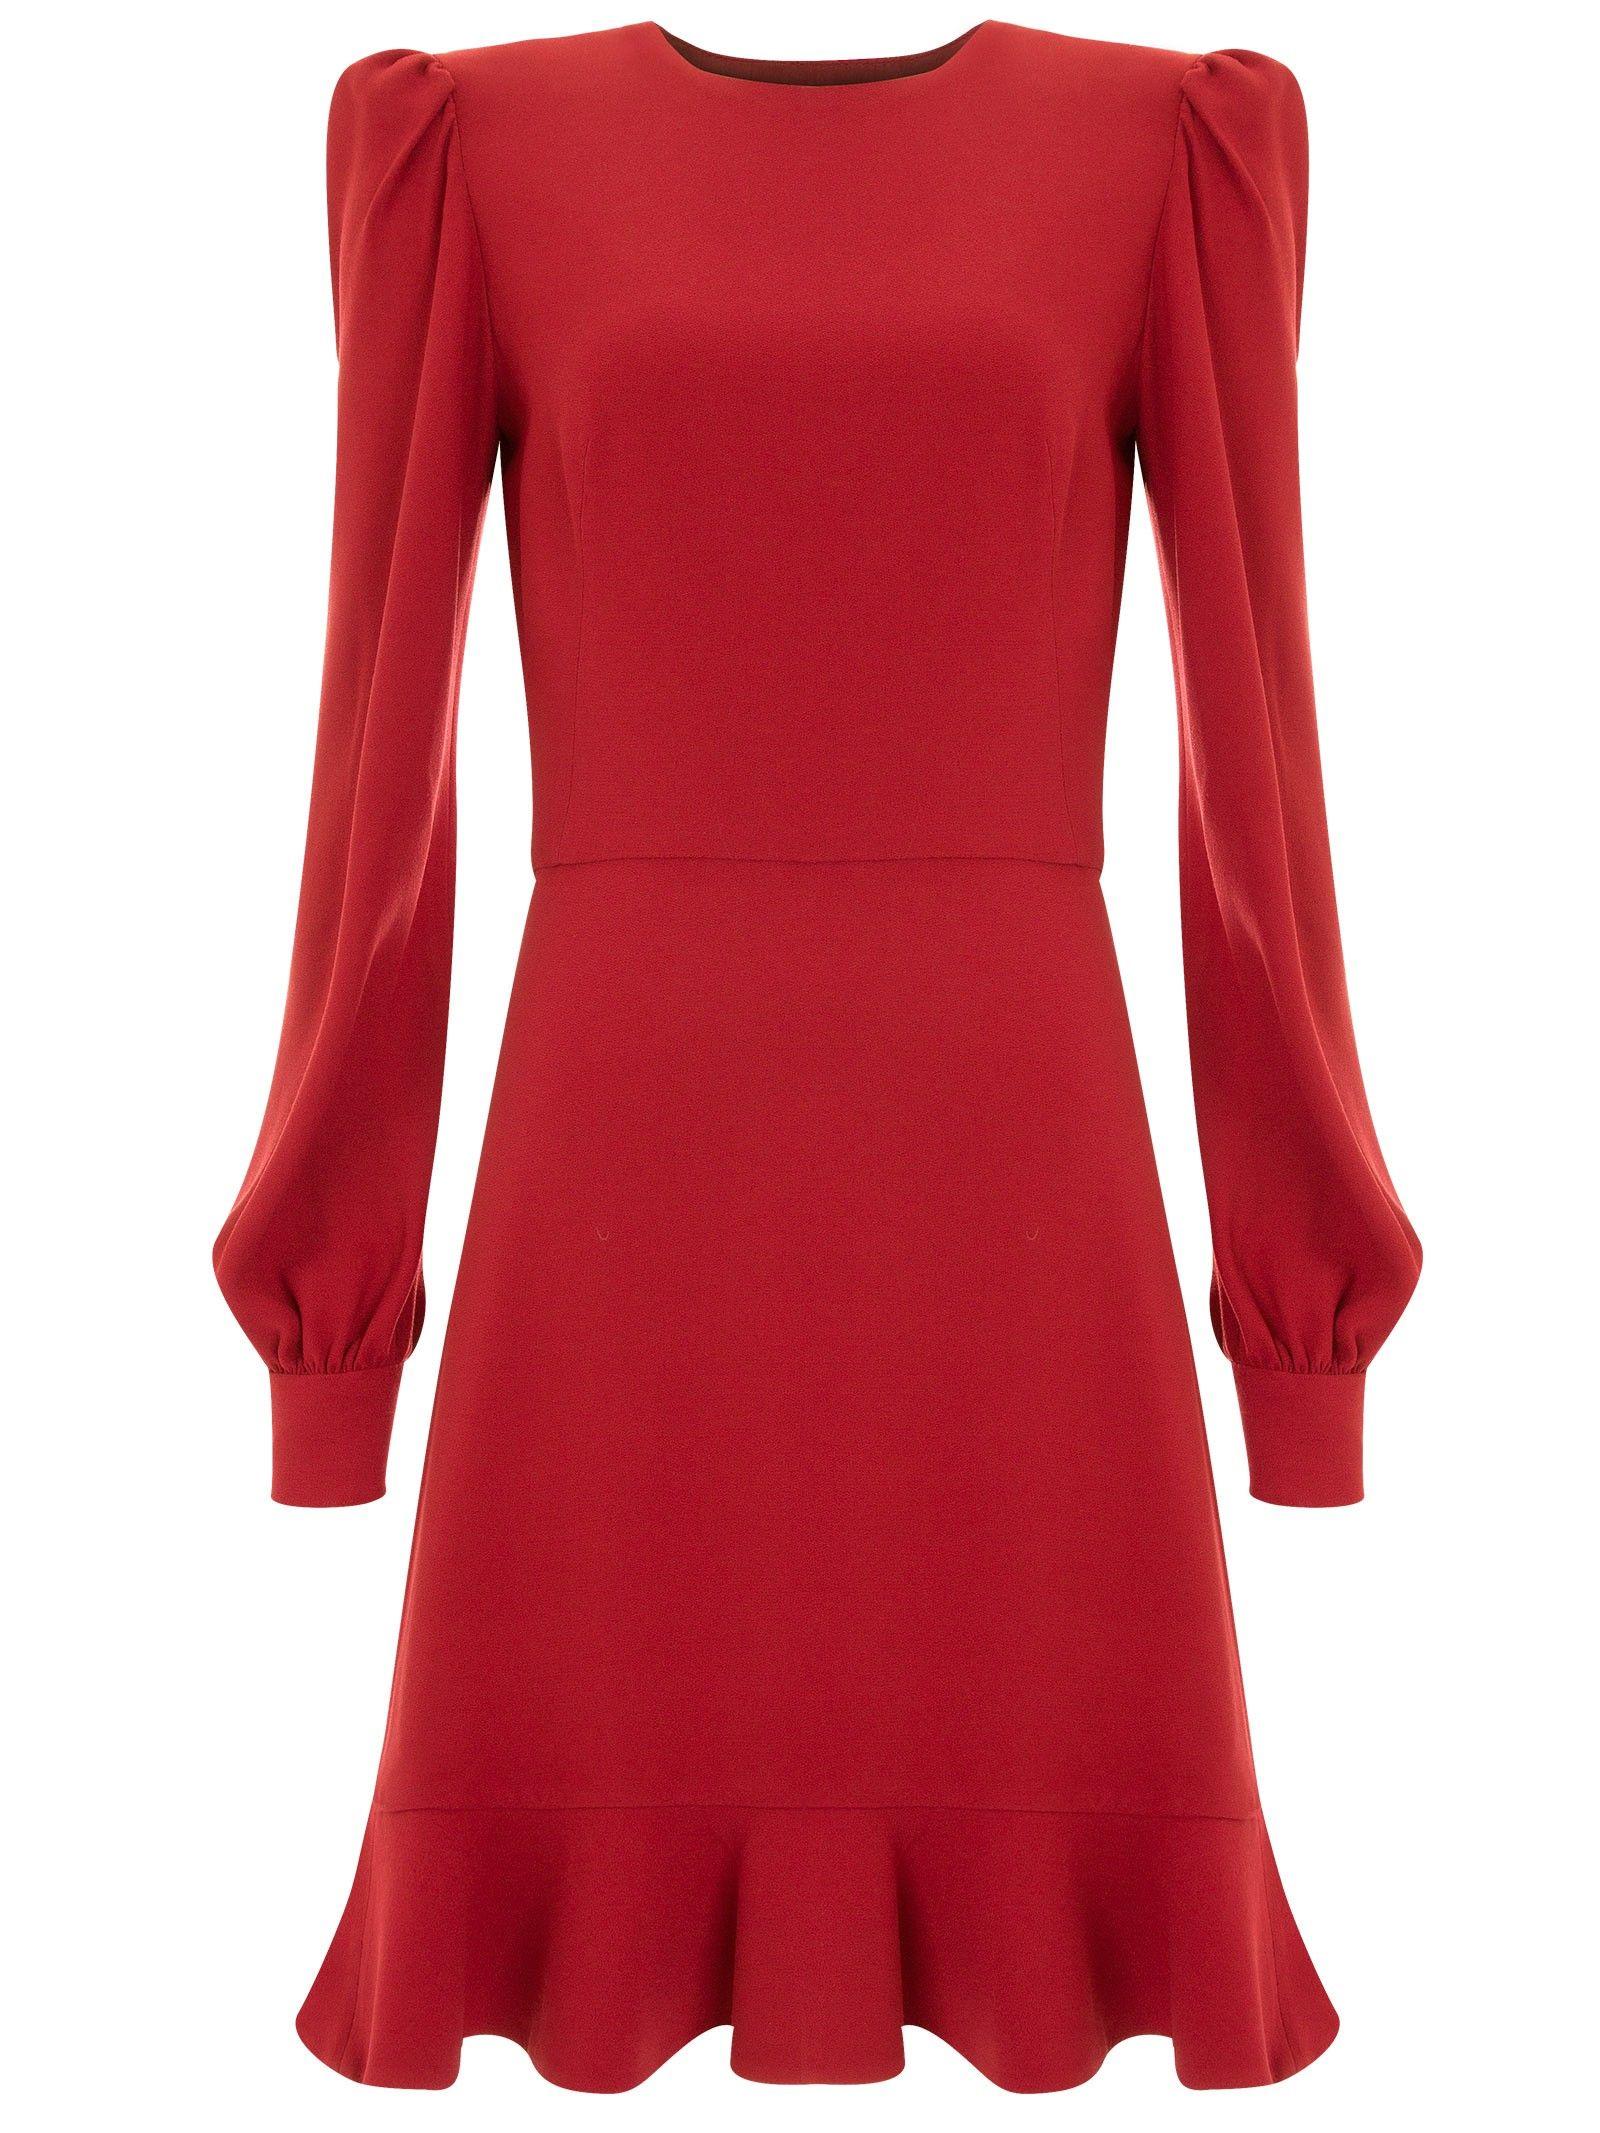 9a0a2300c Vestido Manga Longa - ANDREA MARQUES $ 566,50   vestidos lindos ...